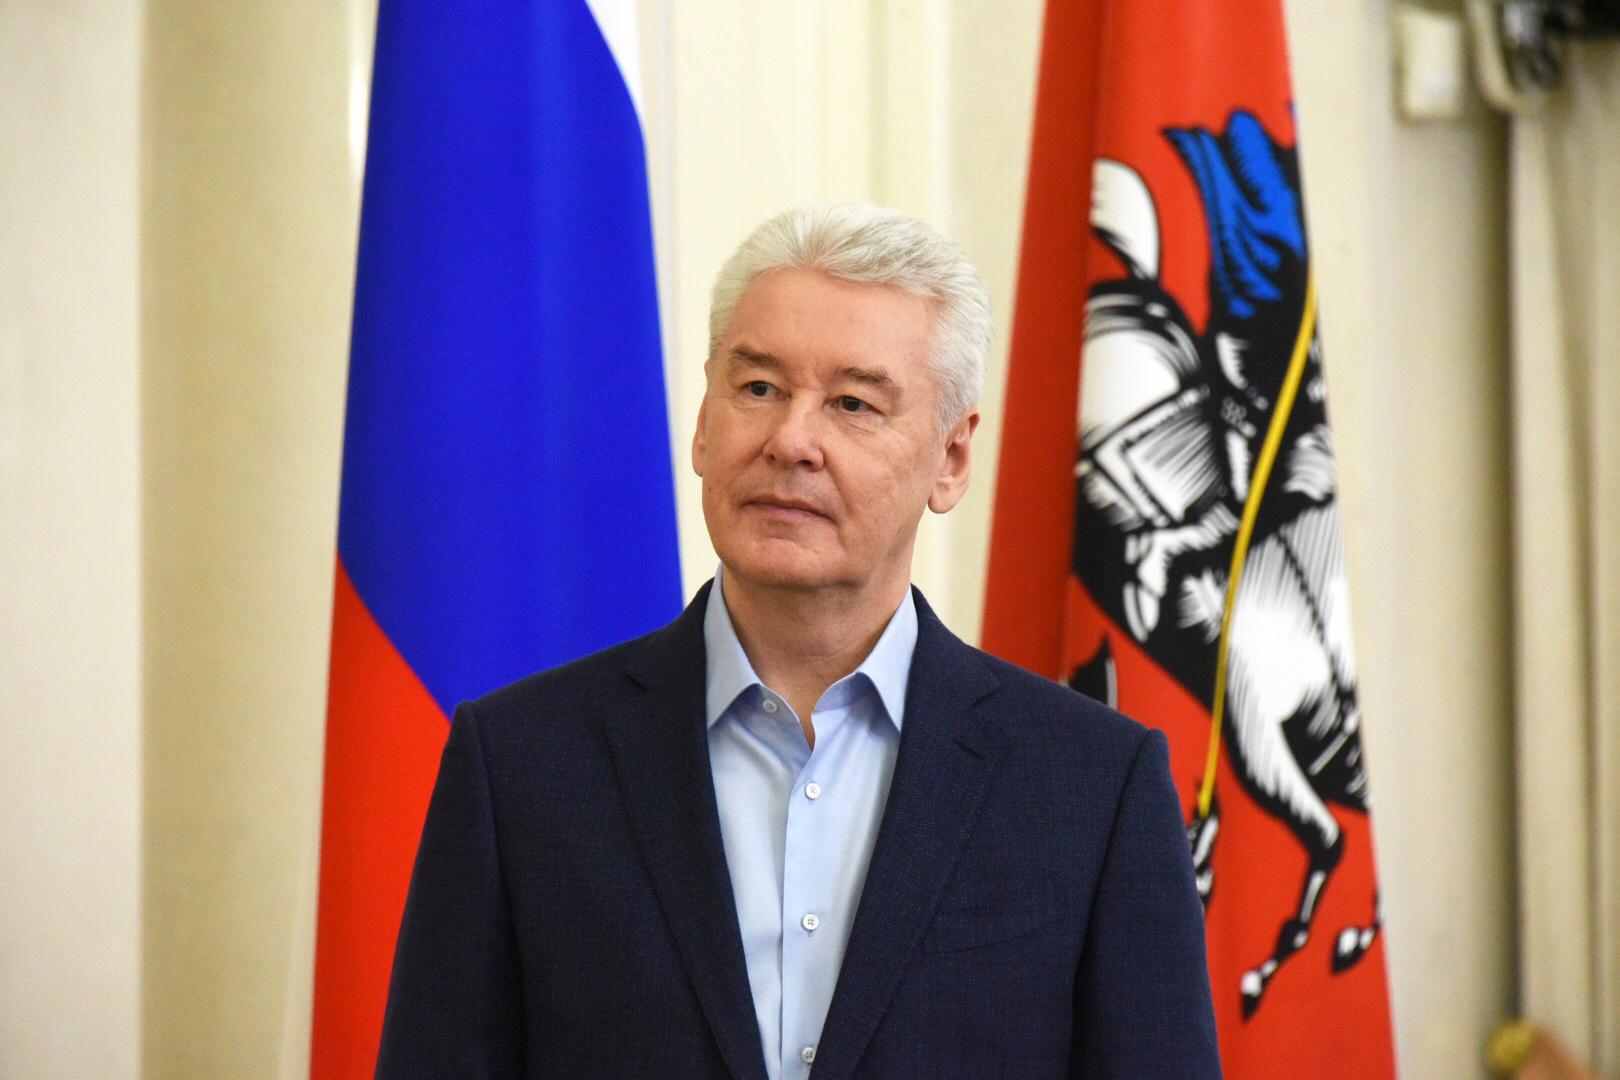 Собянин: В Москве проведена полная модернизация дорожного хозяйства